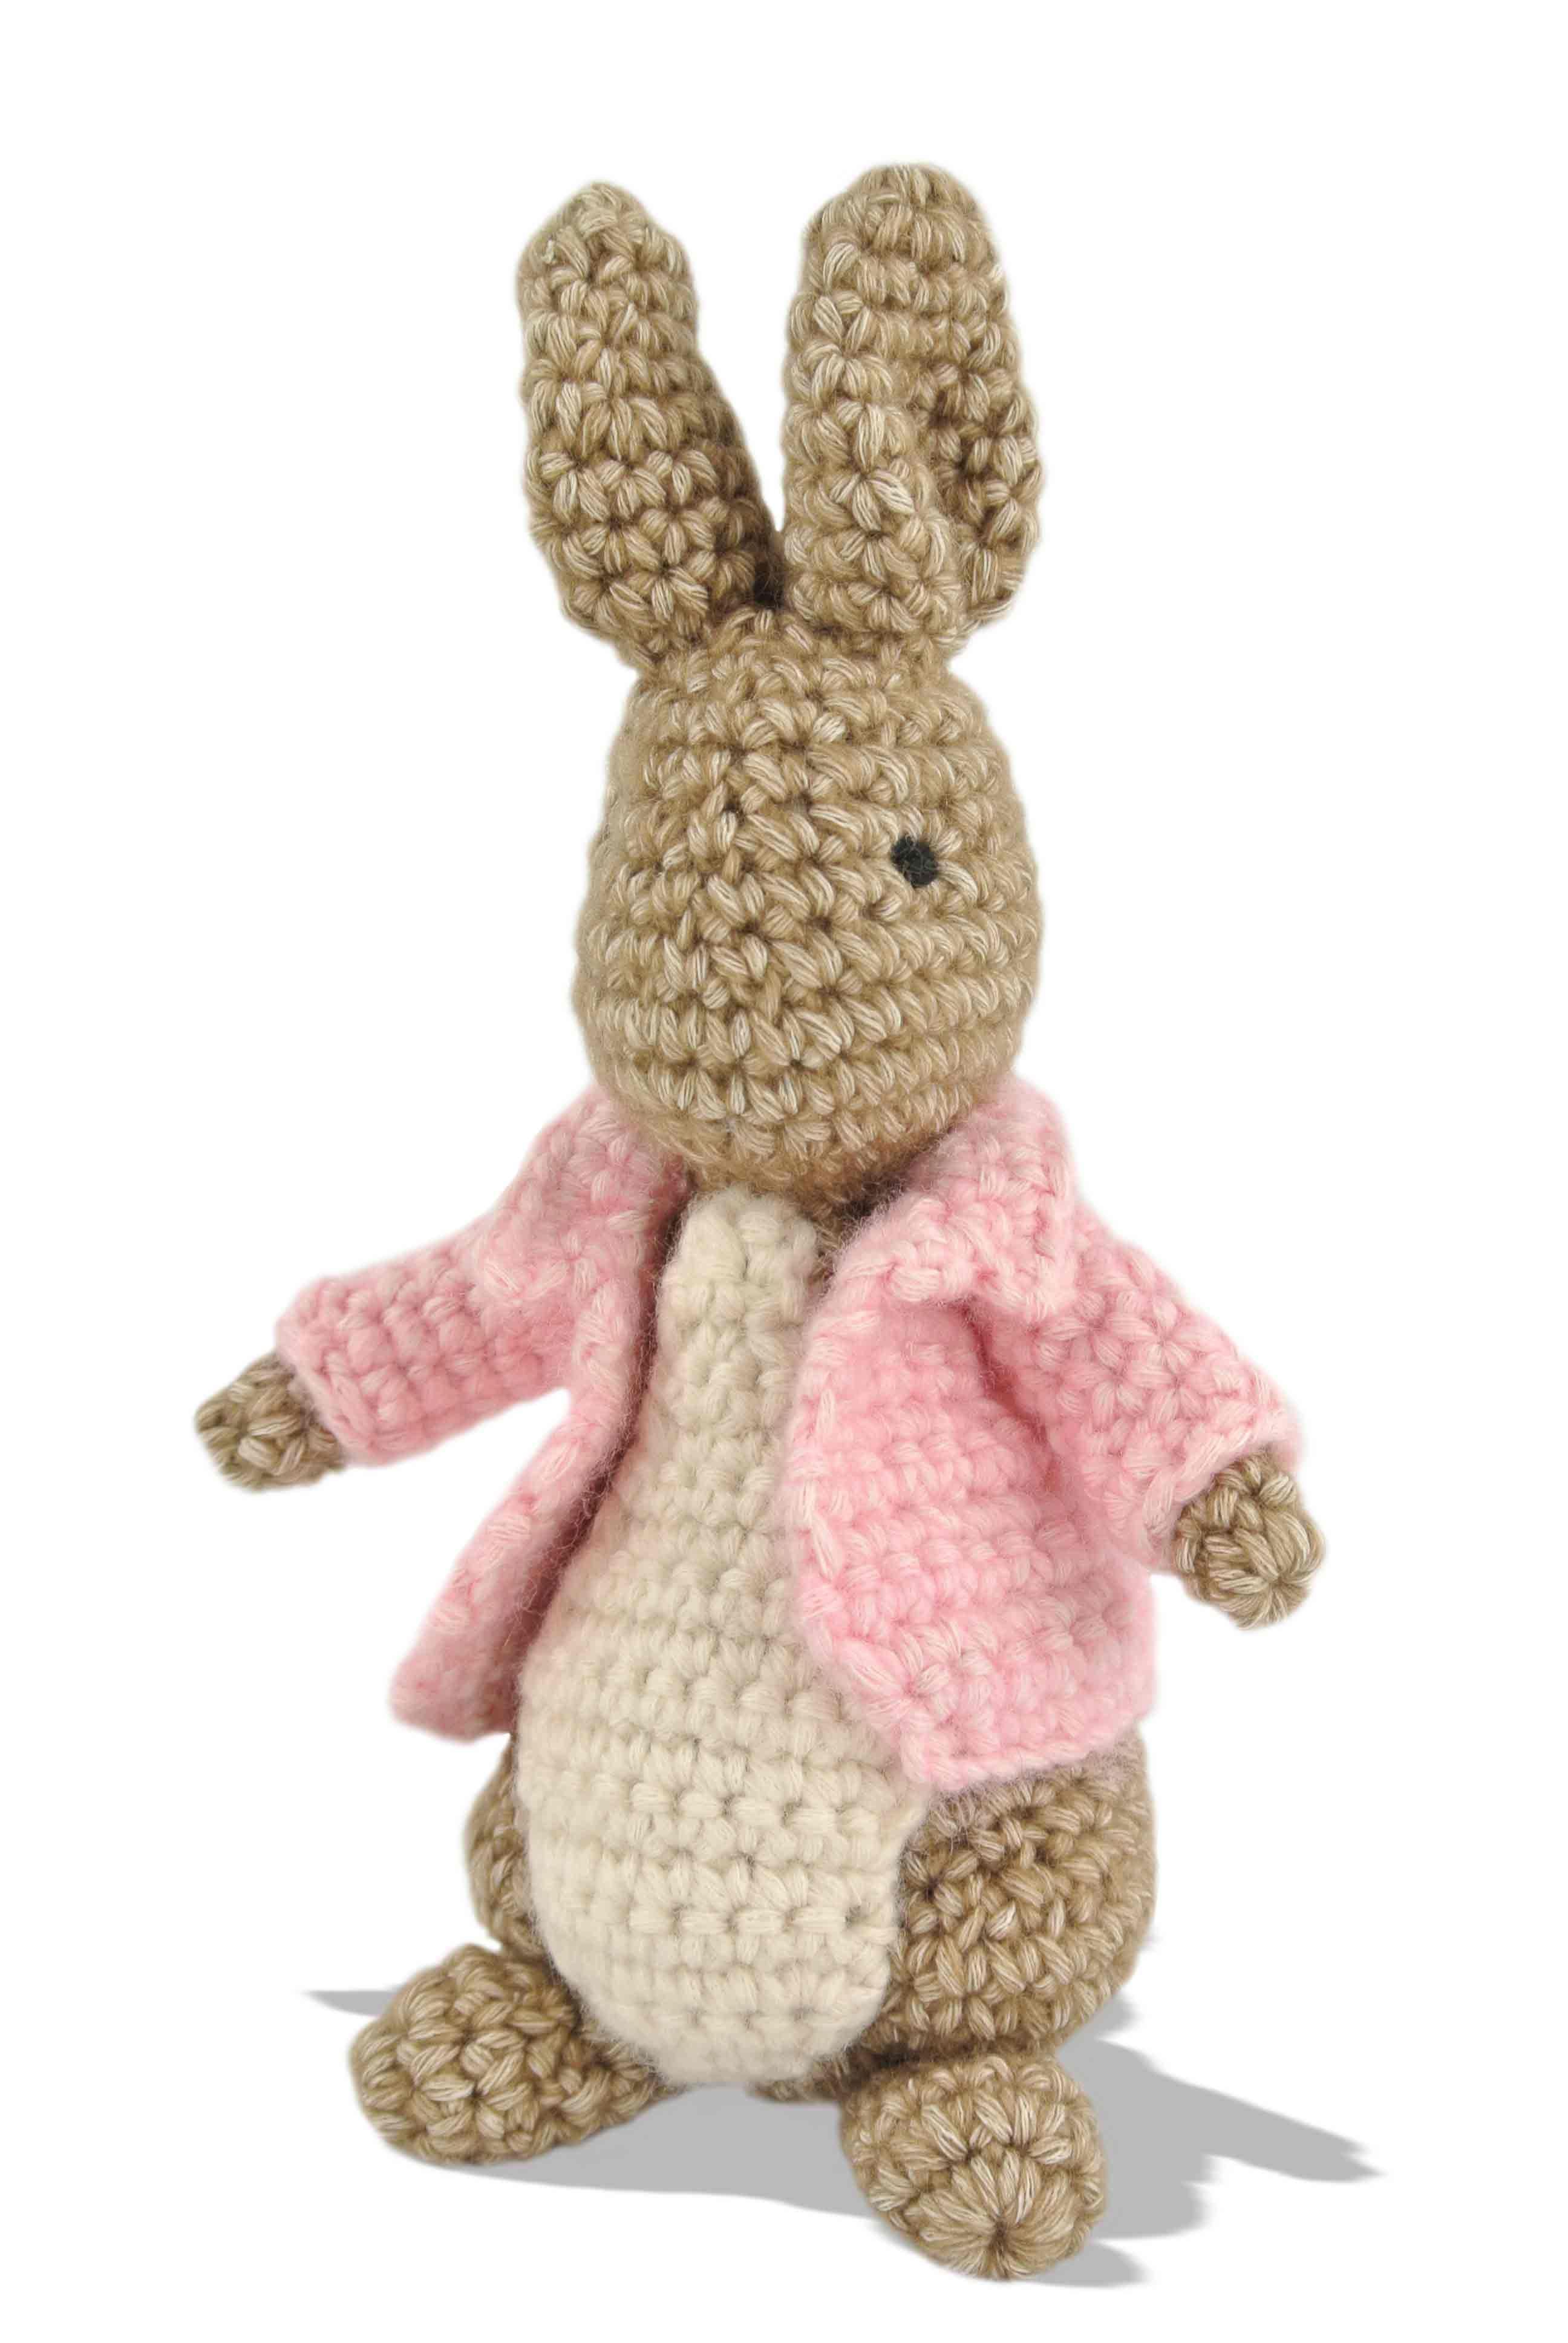 Pasen Haken Klein Haasje Haakpret Haakwerkjes Crochet Easter